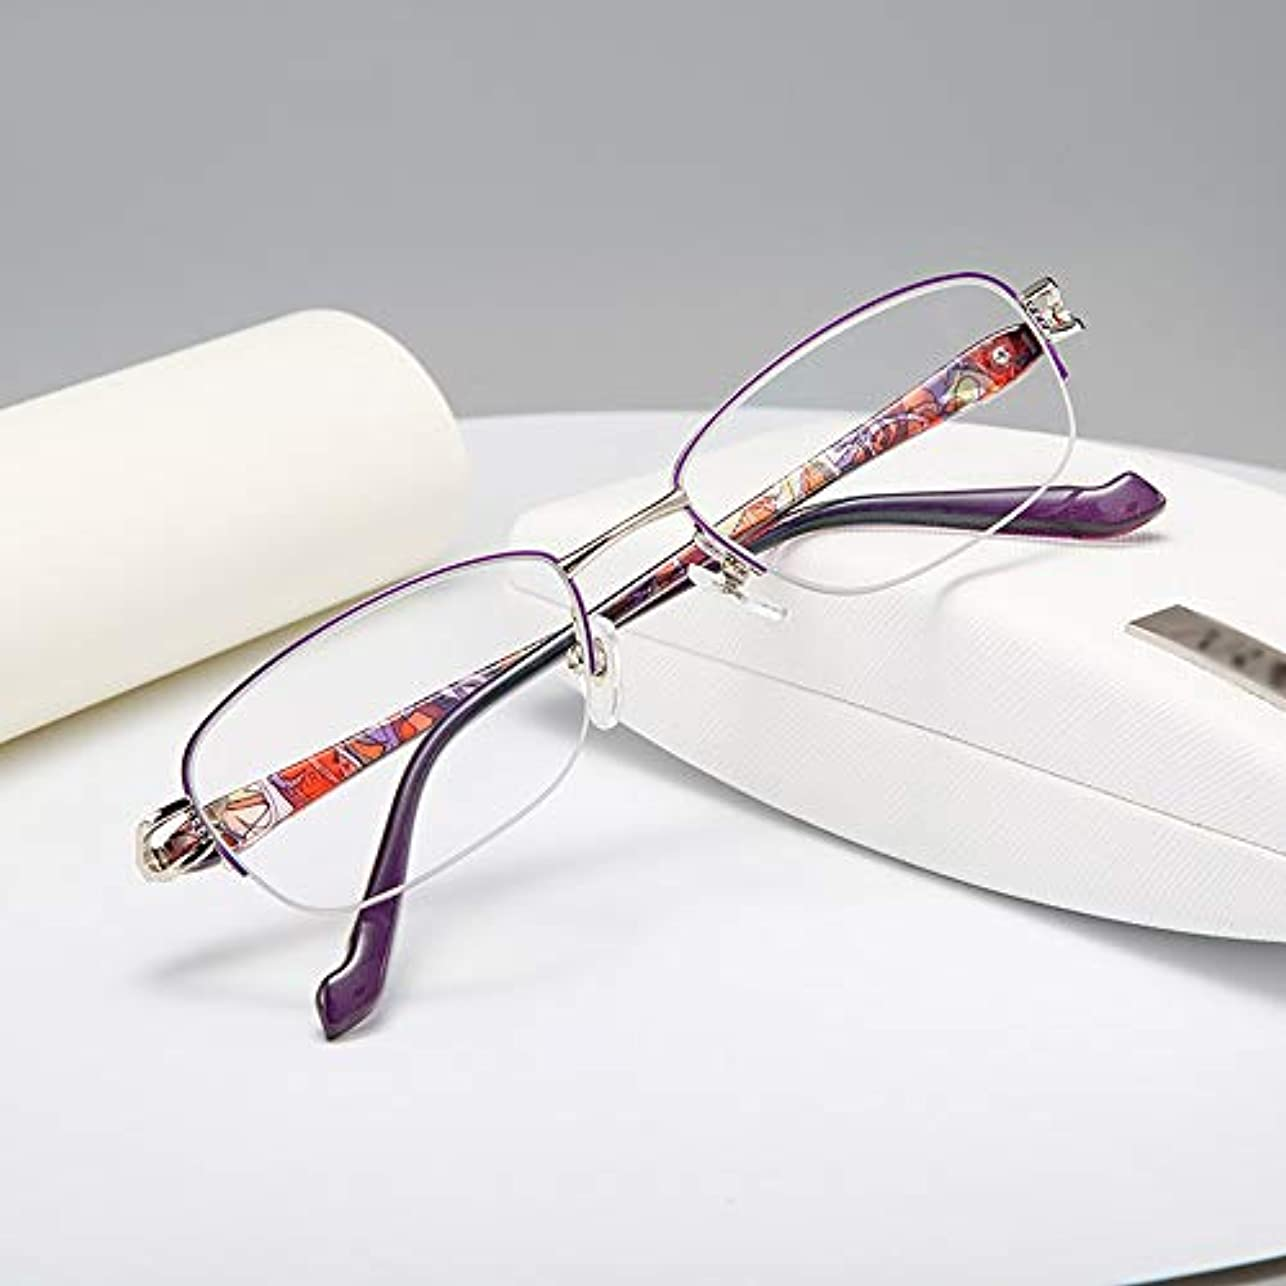 バンジージャンプアイドル弁護人ファッションの老眼鏡超軽量ハーフフレームブロッキングブルーメガネで読むための青い眼鏡、男性と女性のための読者の価値多焦点レンズHd